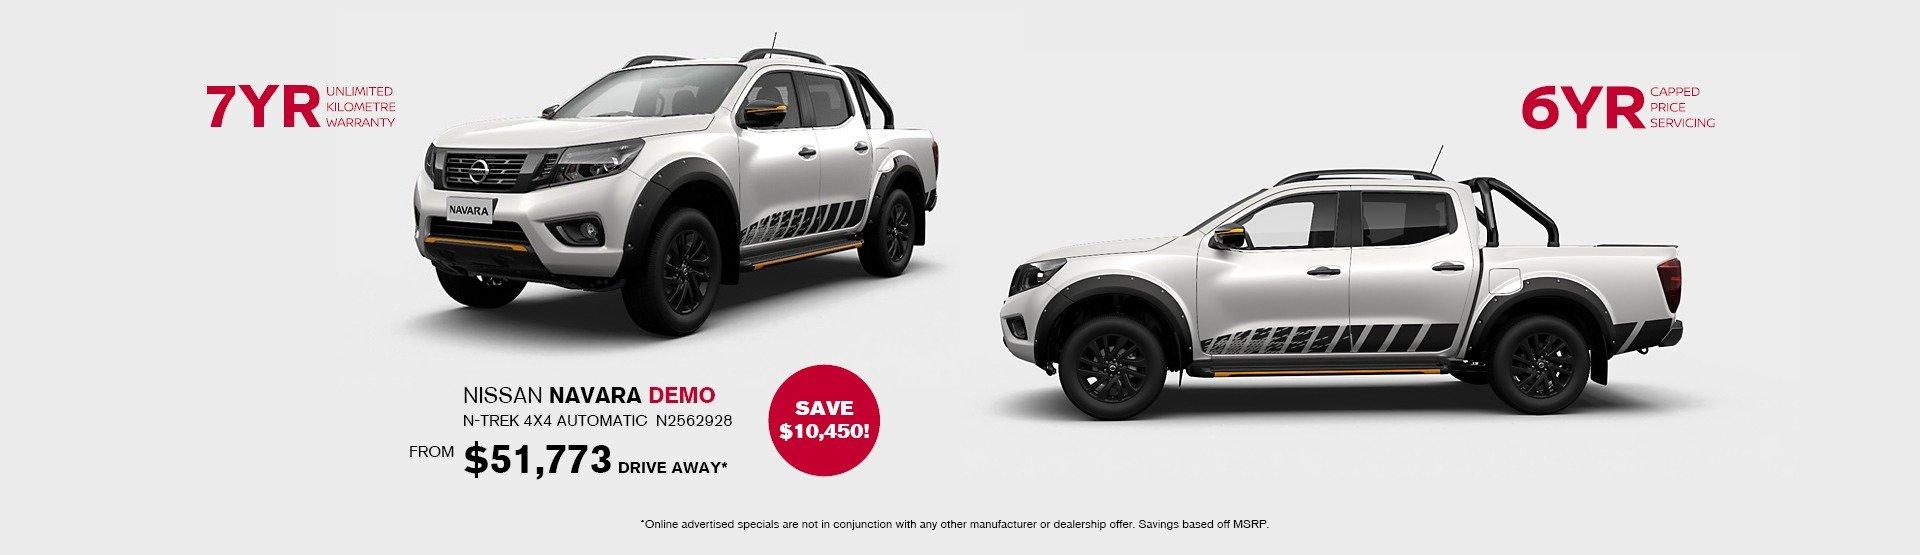 Maitland Nissan online specials